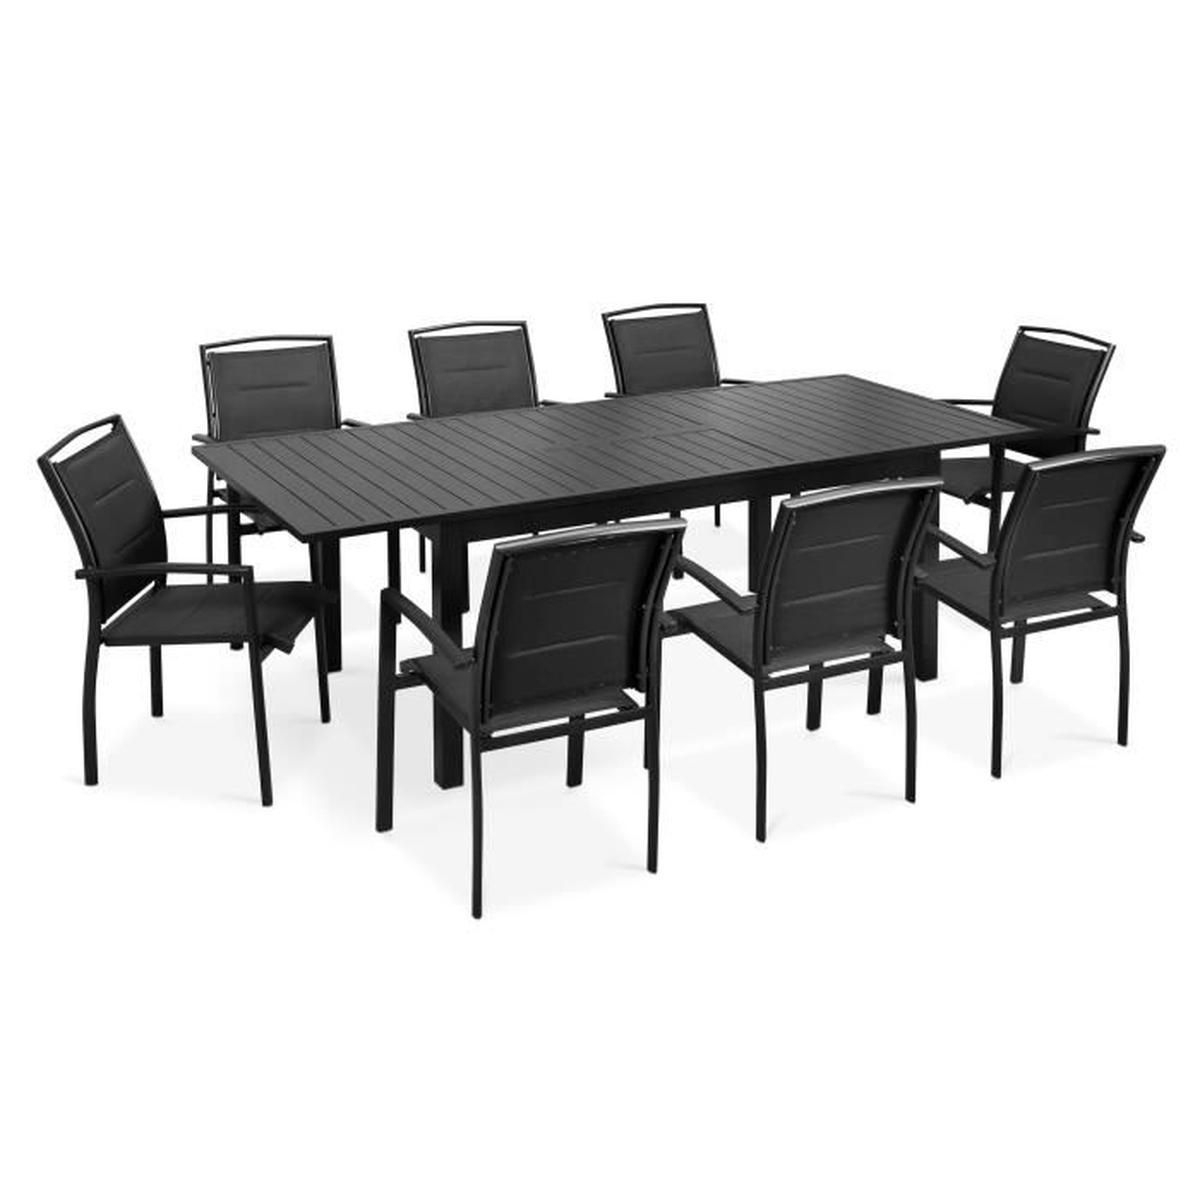 Ensemble Table Et Chaise De Jardin Avec Ralonge avec Table De Jardin En Aluminium Avec Rallonge